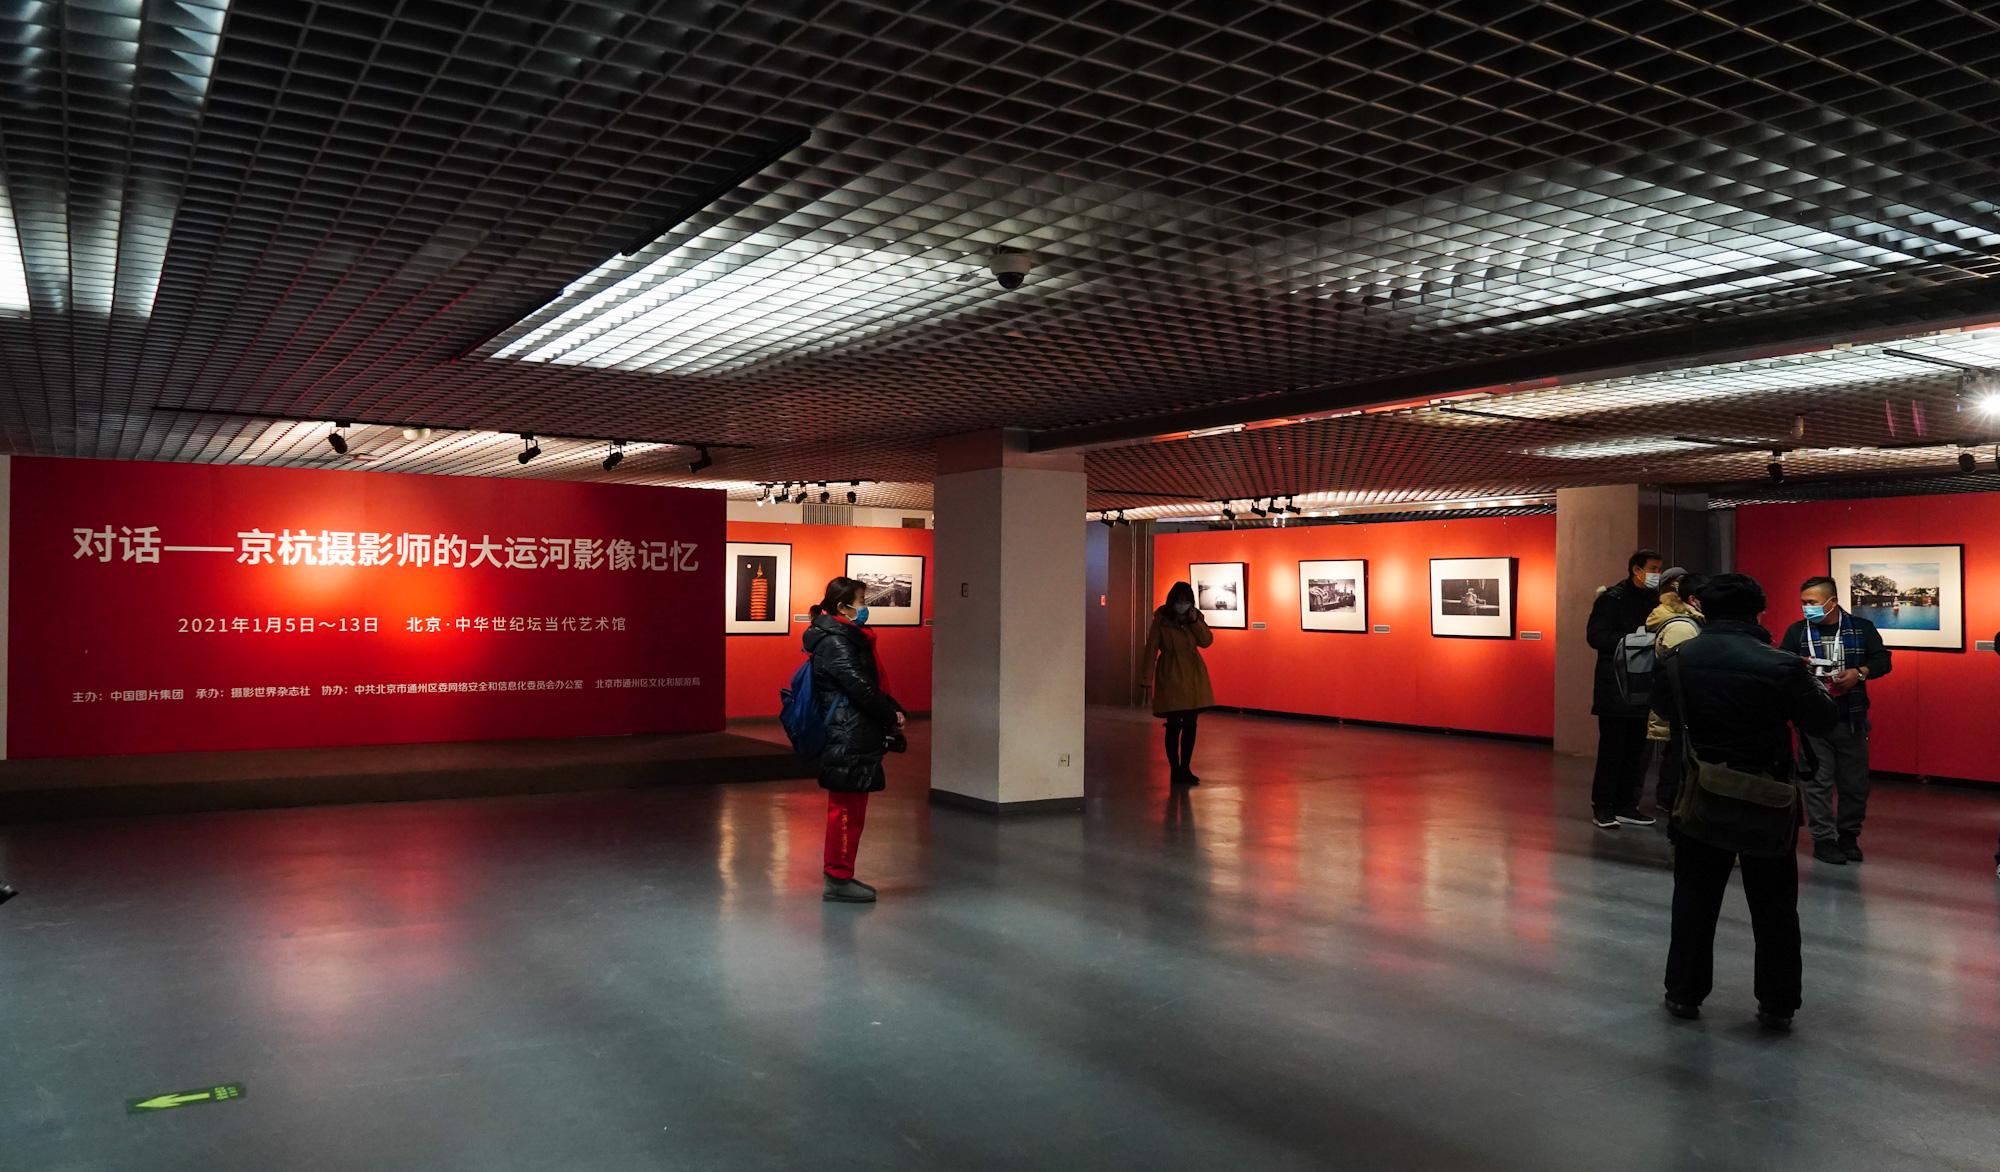 """""""对话——京杭摄影师的大运河影像记忆"""" 拉开帷幕"""